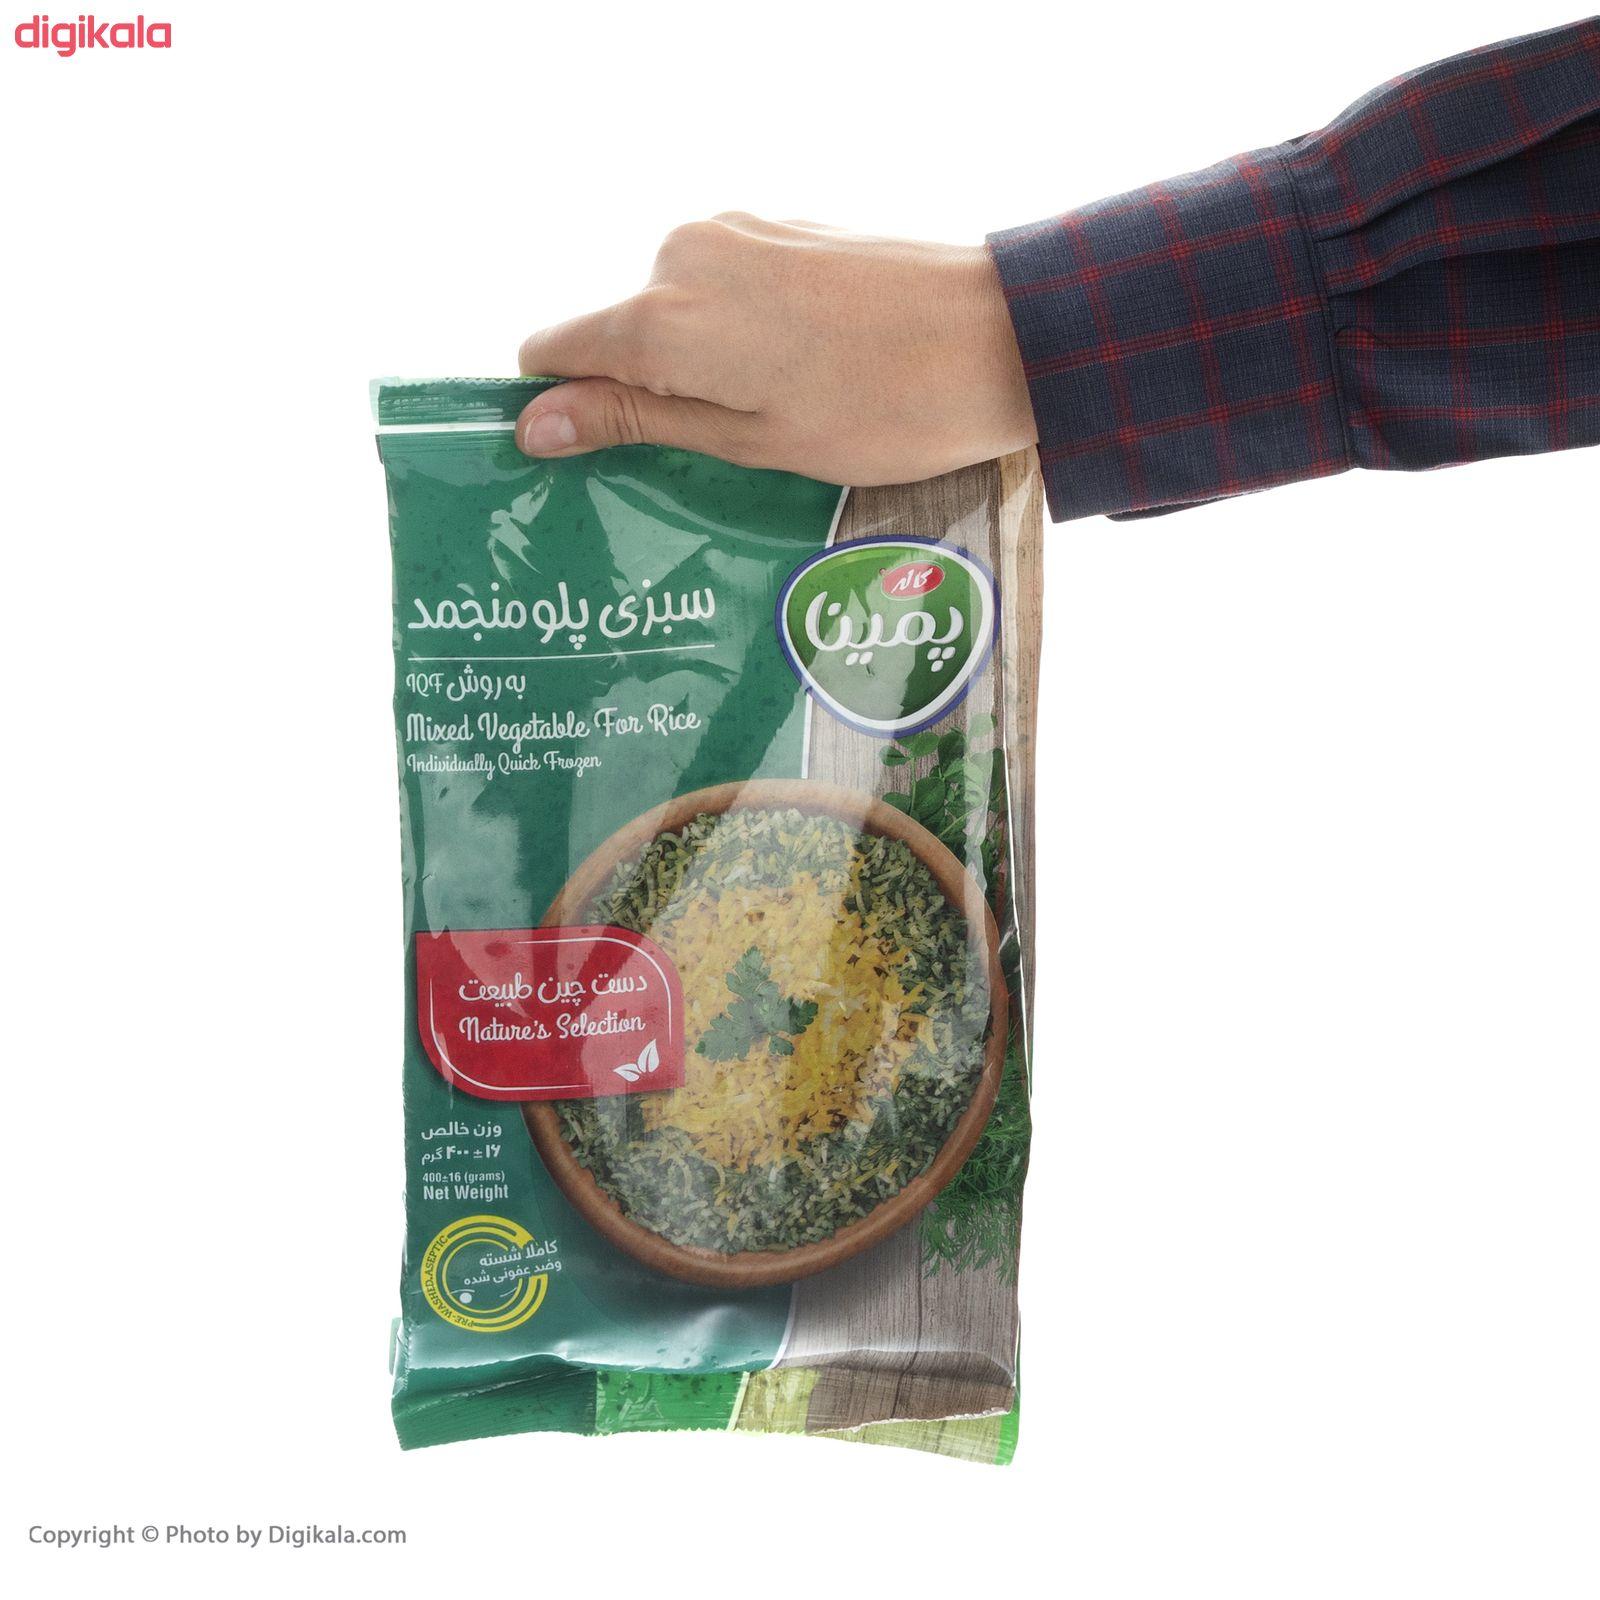 سبزی پلو منجمد پمینا مقدار 400 گرم main 1 2